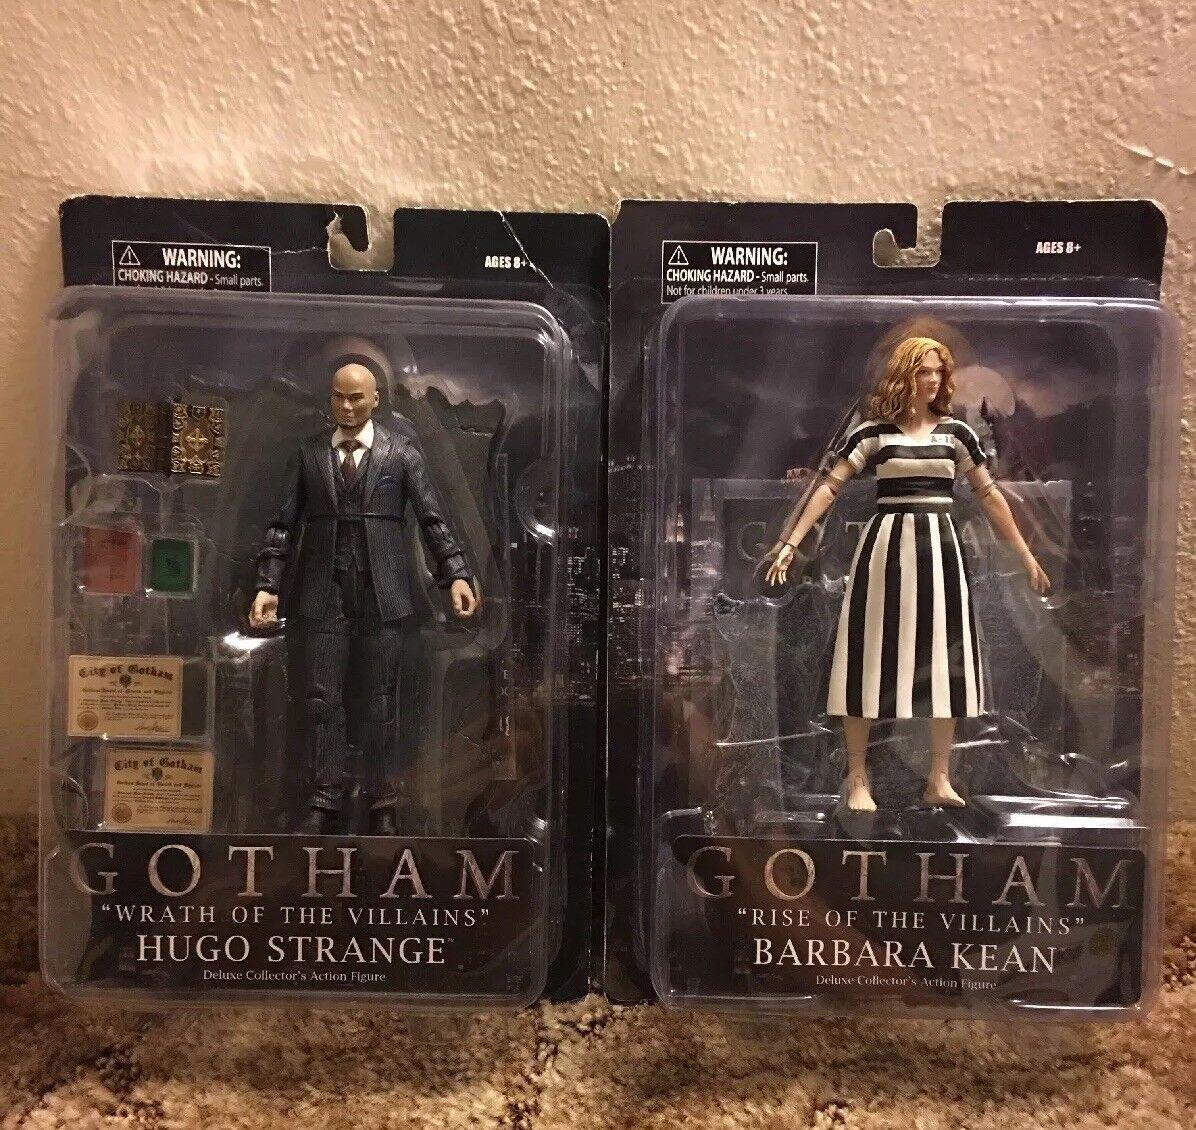 Gotham Hugo Strange Barbara Kean Wrath Of villains Rise Of The Villains Deluxe